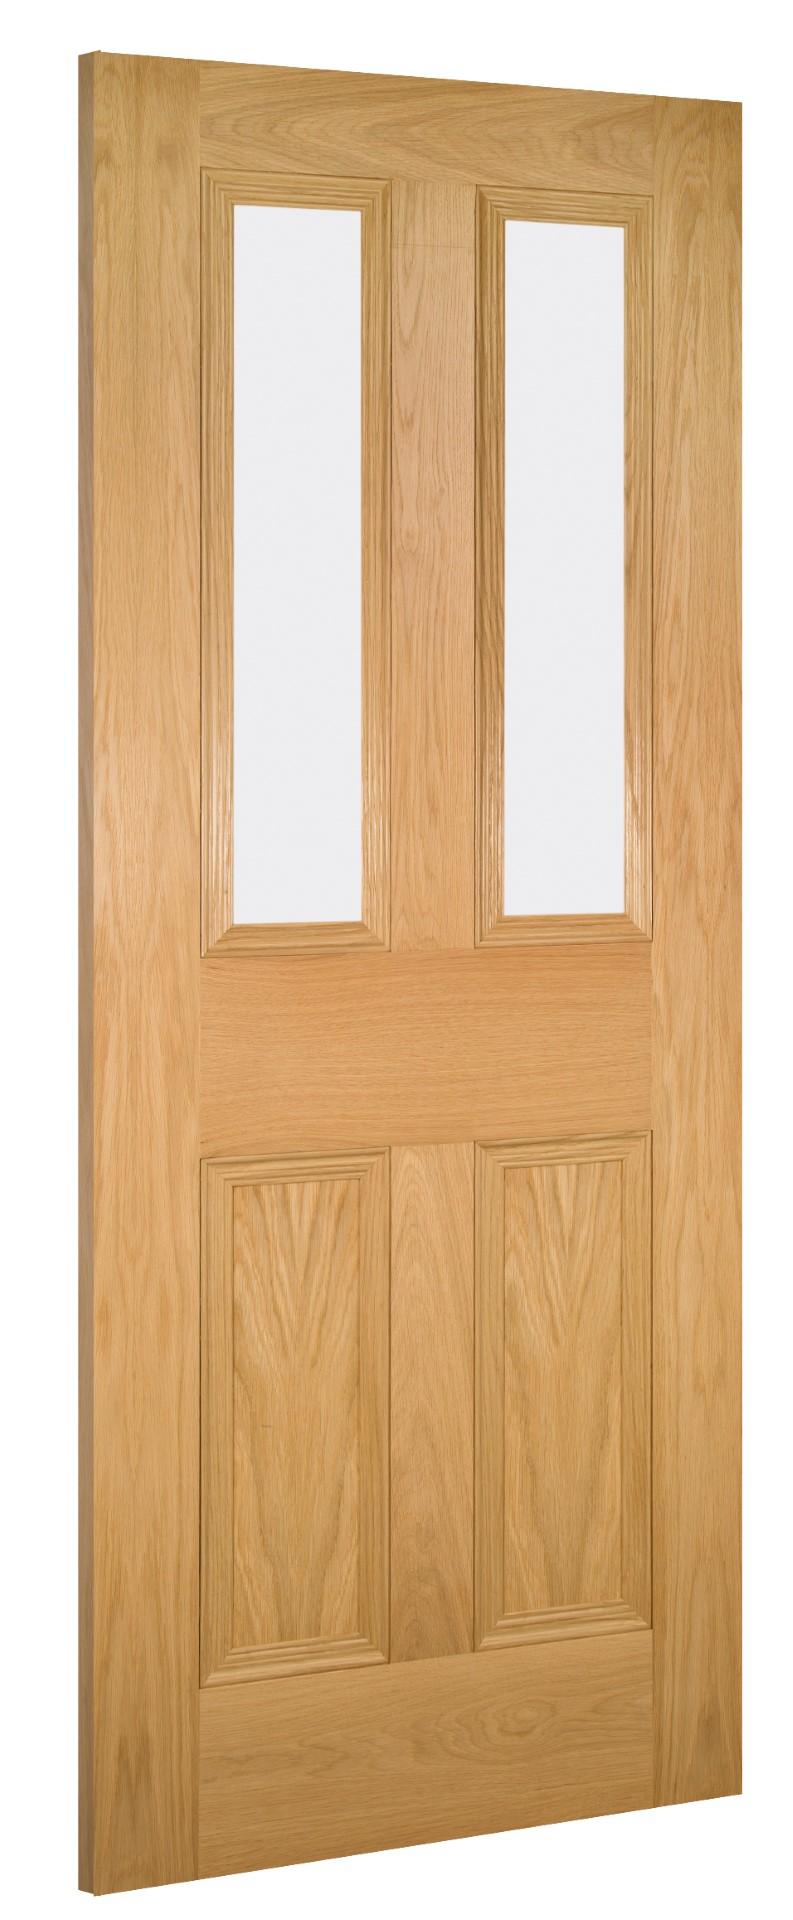 Oak Door NM1G-C | NM1G-UNG